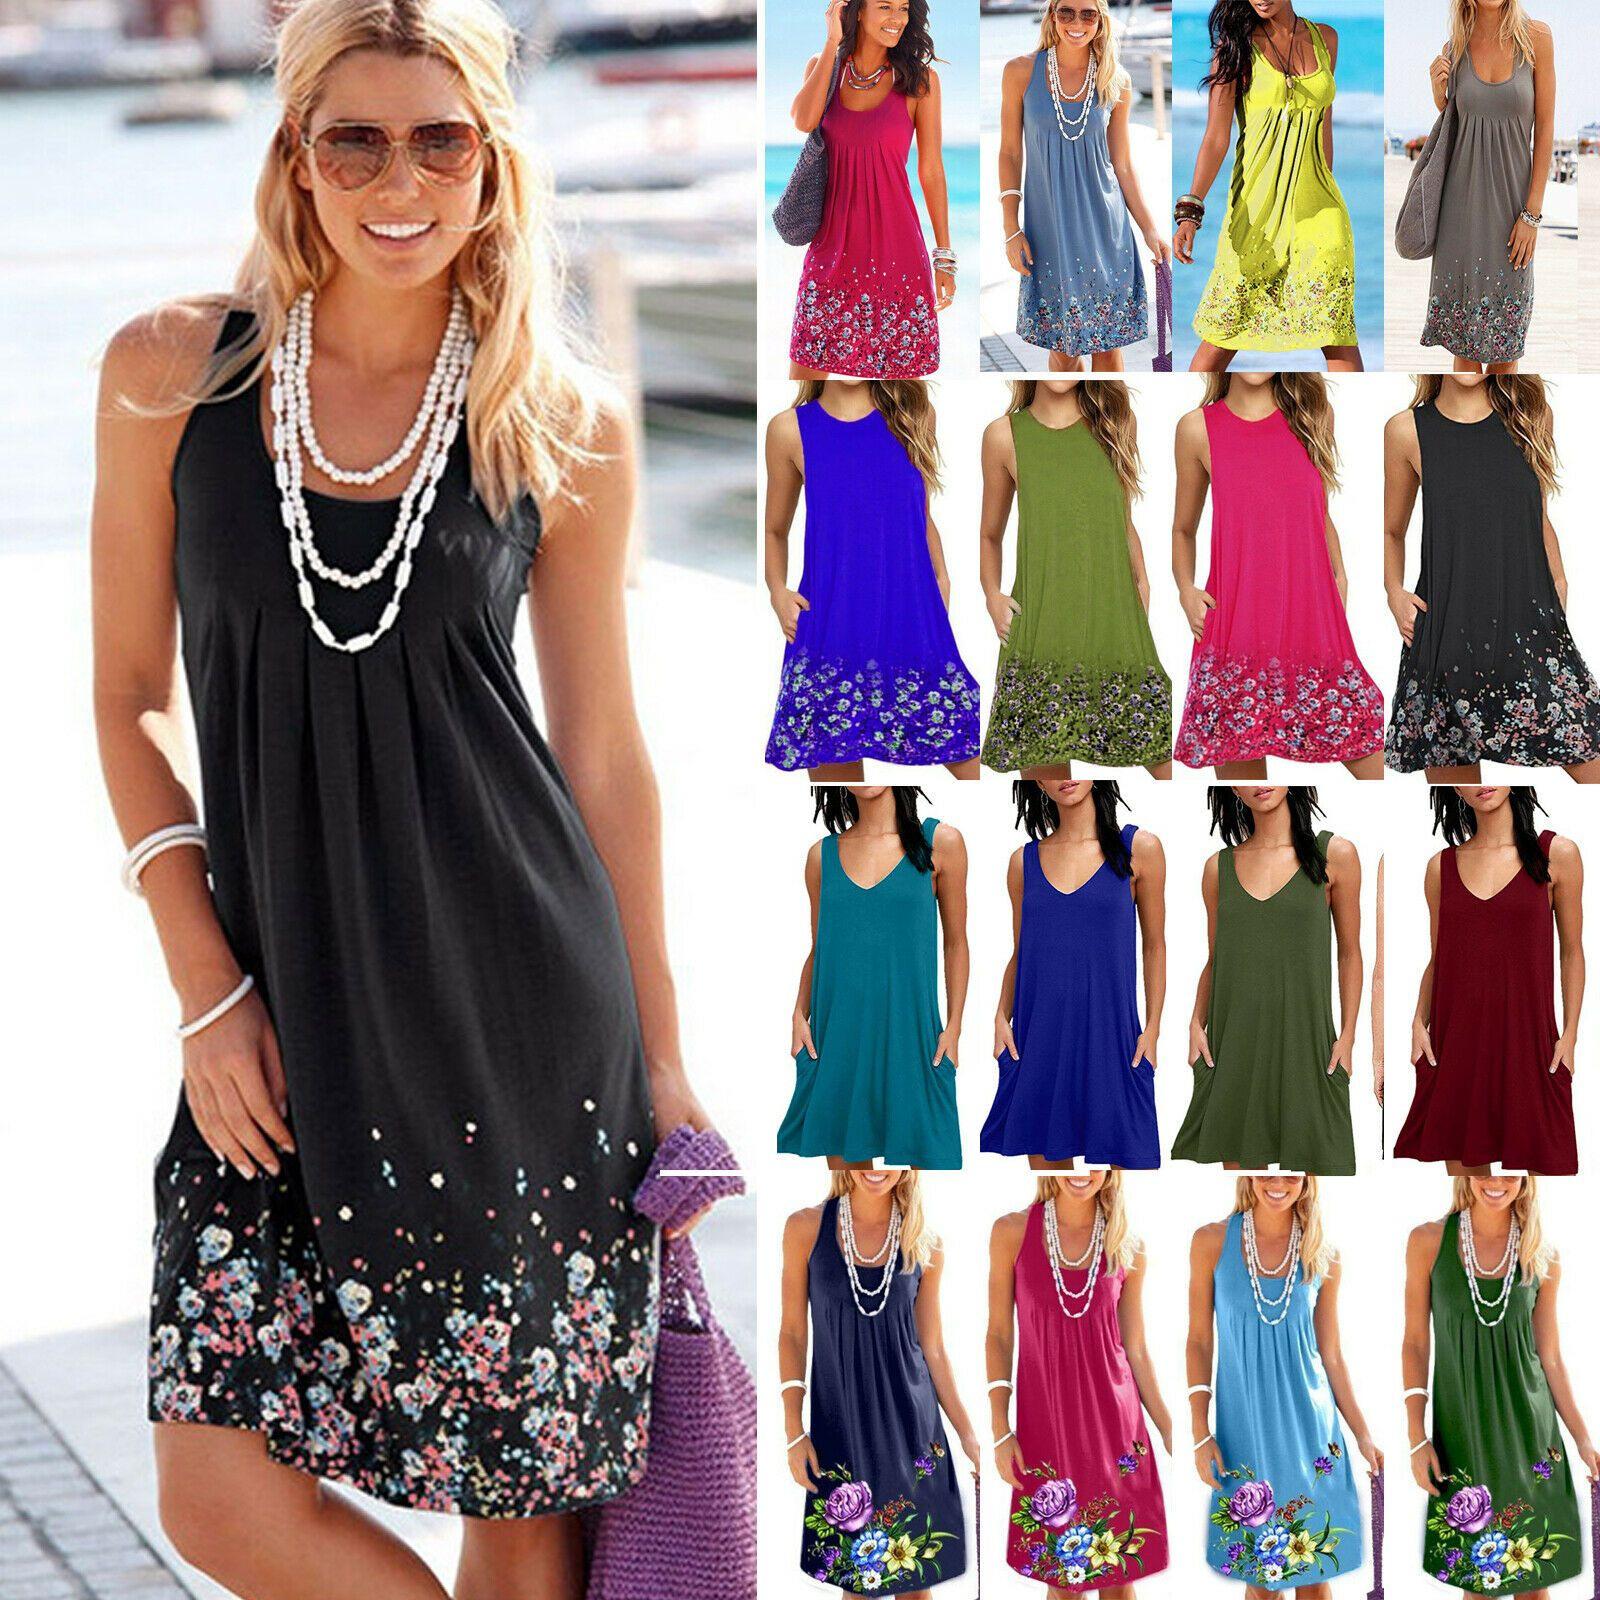 Abend Genial Kleid 34 Boutique Spektakulär Kleid 34 Boutique